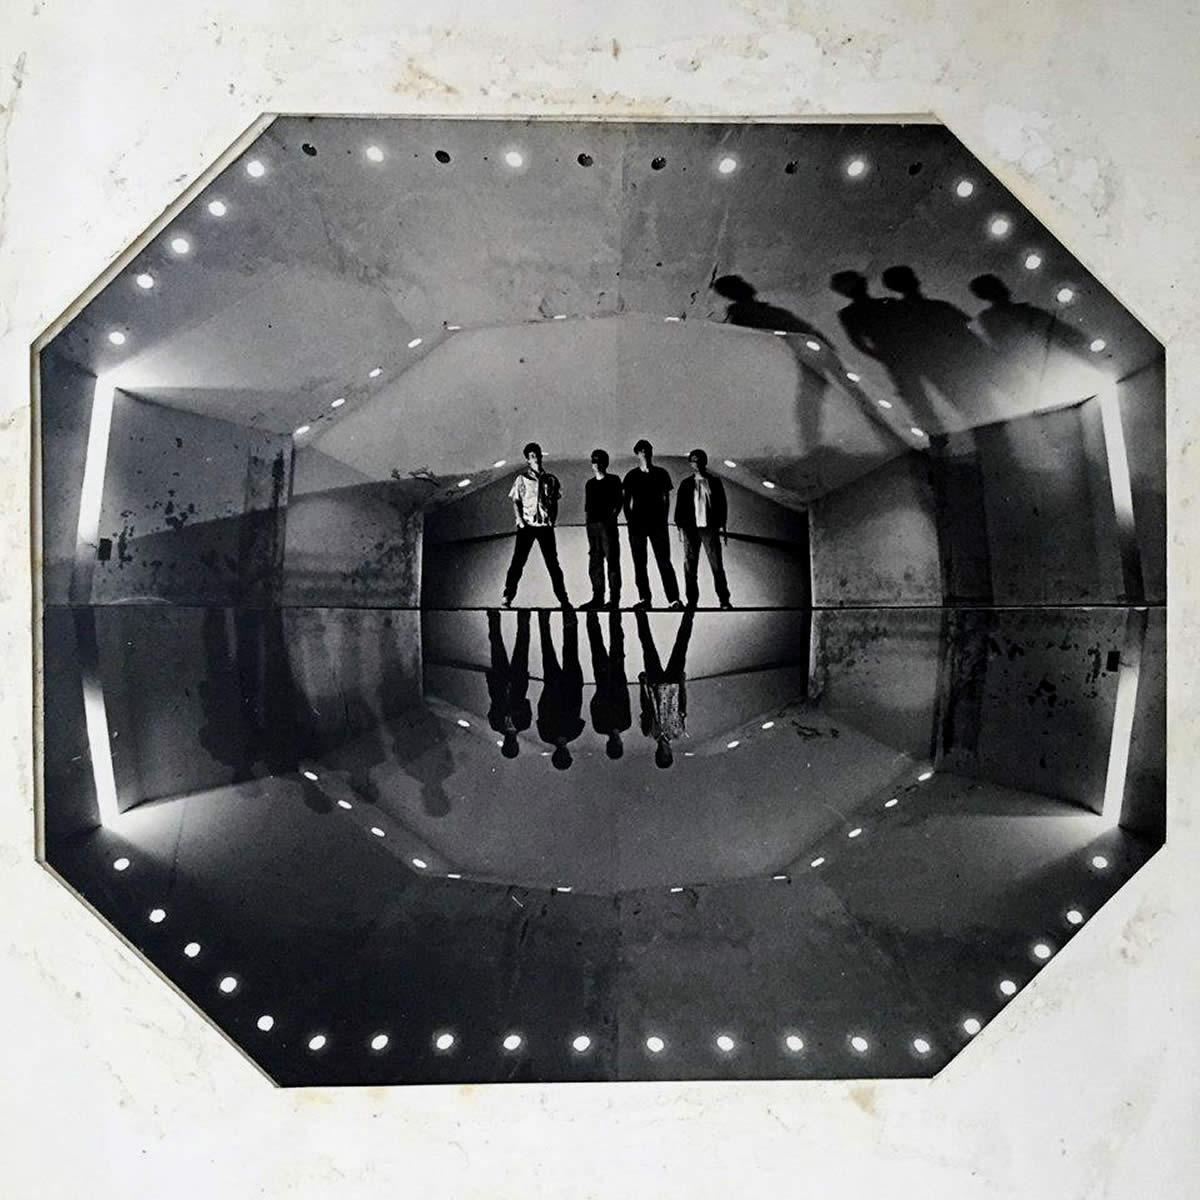 [ACERVO] Imagem da arte original do compacto Os Replicantes